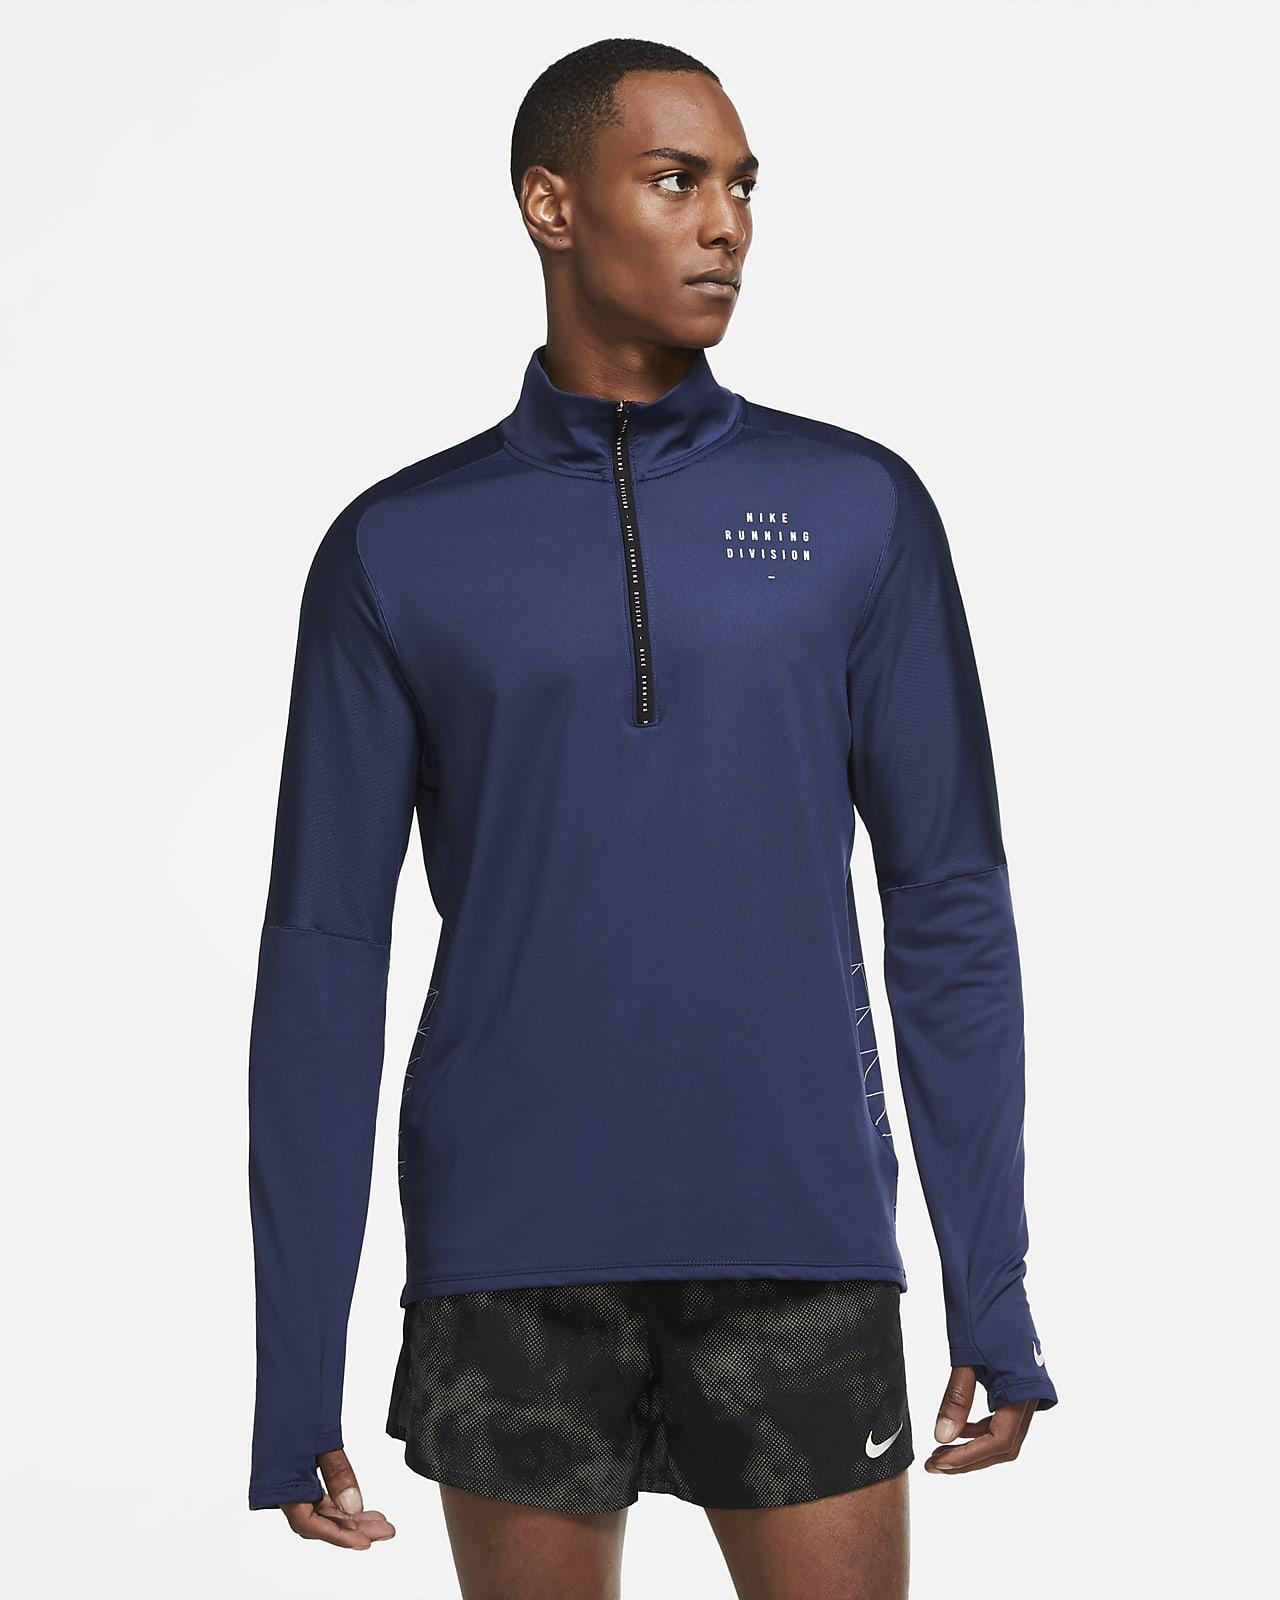 Nike Run Division Men's 1/2-Zip Running Top